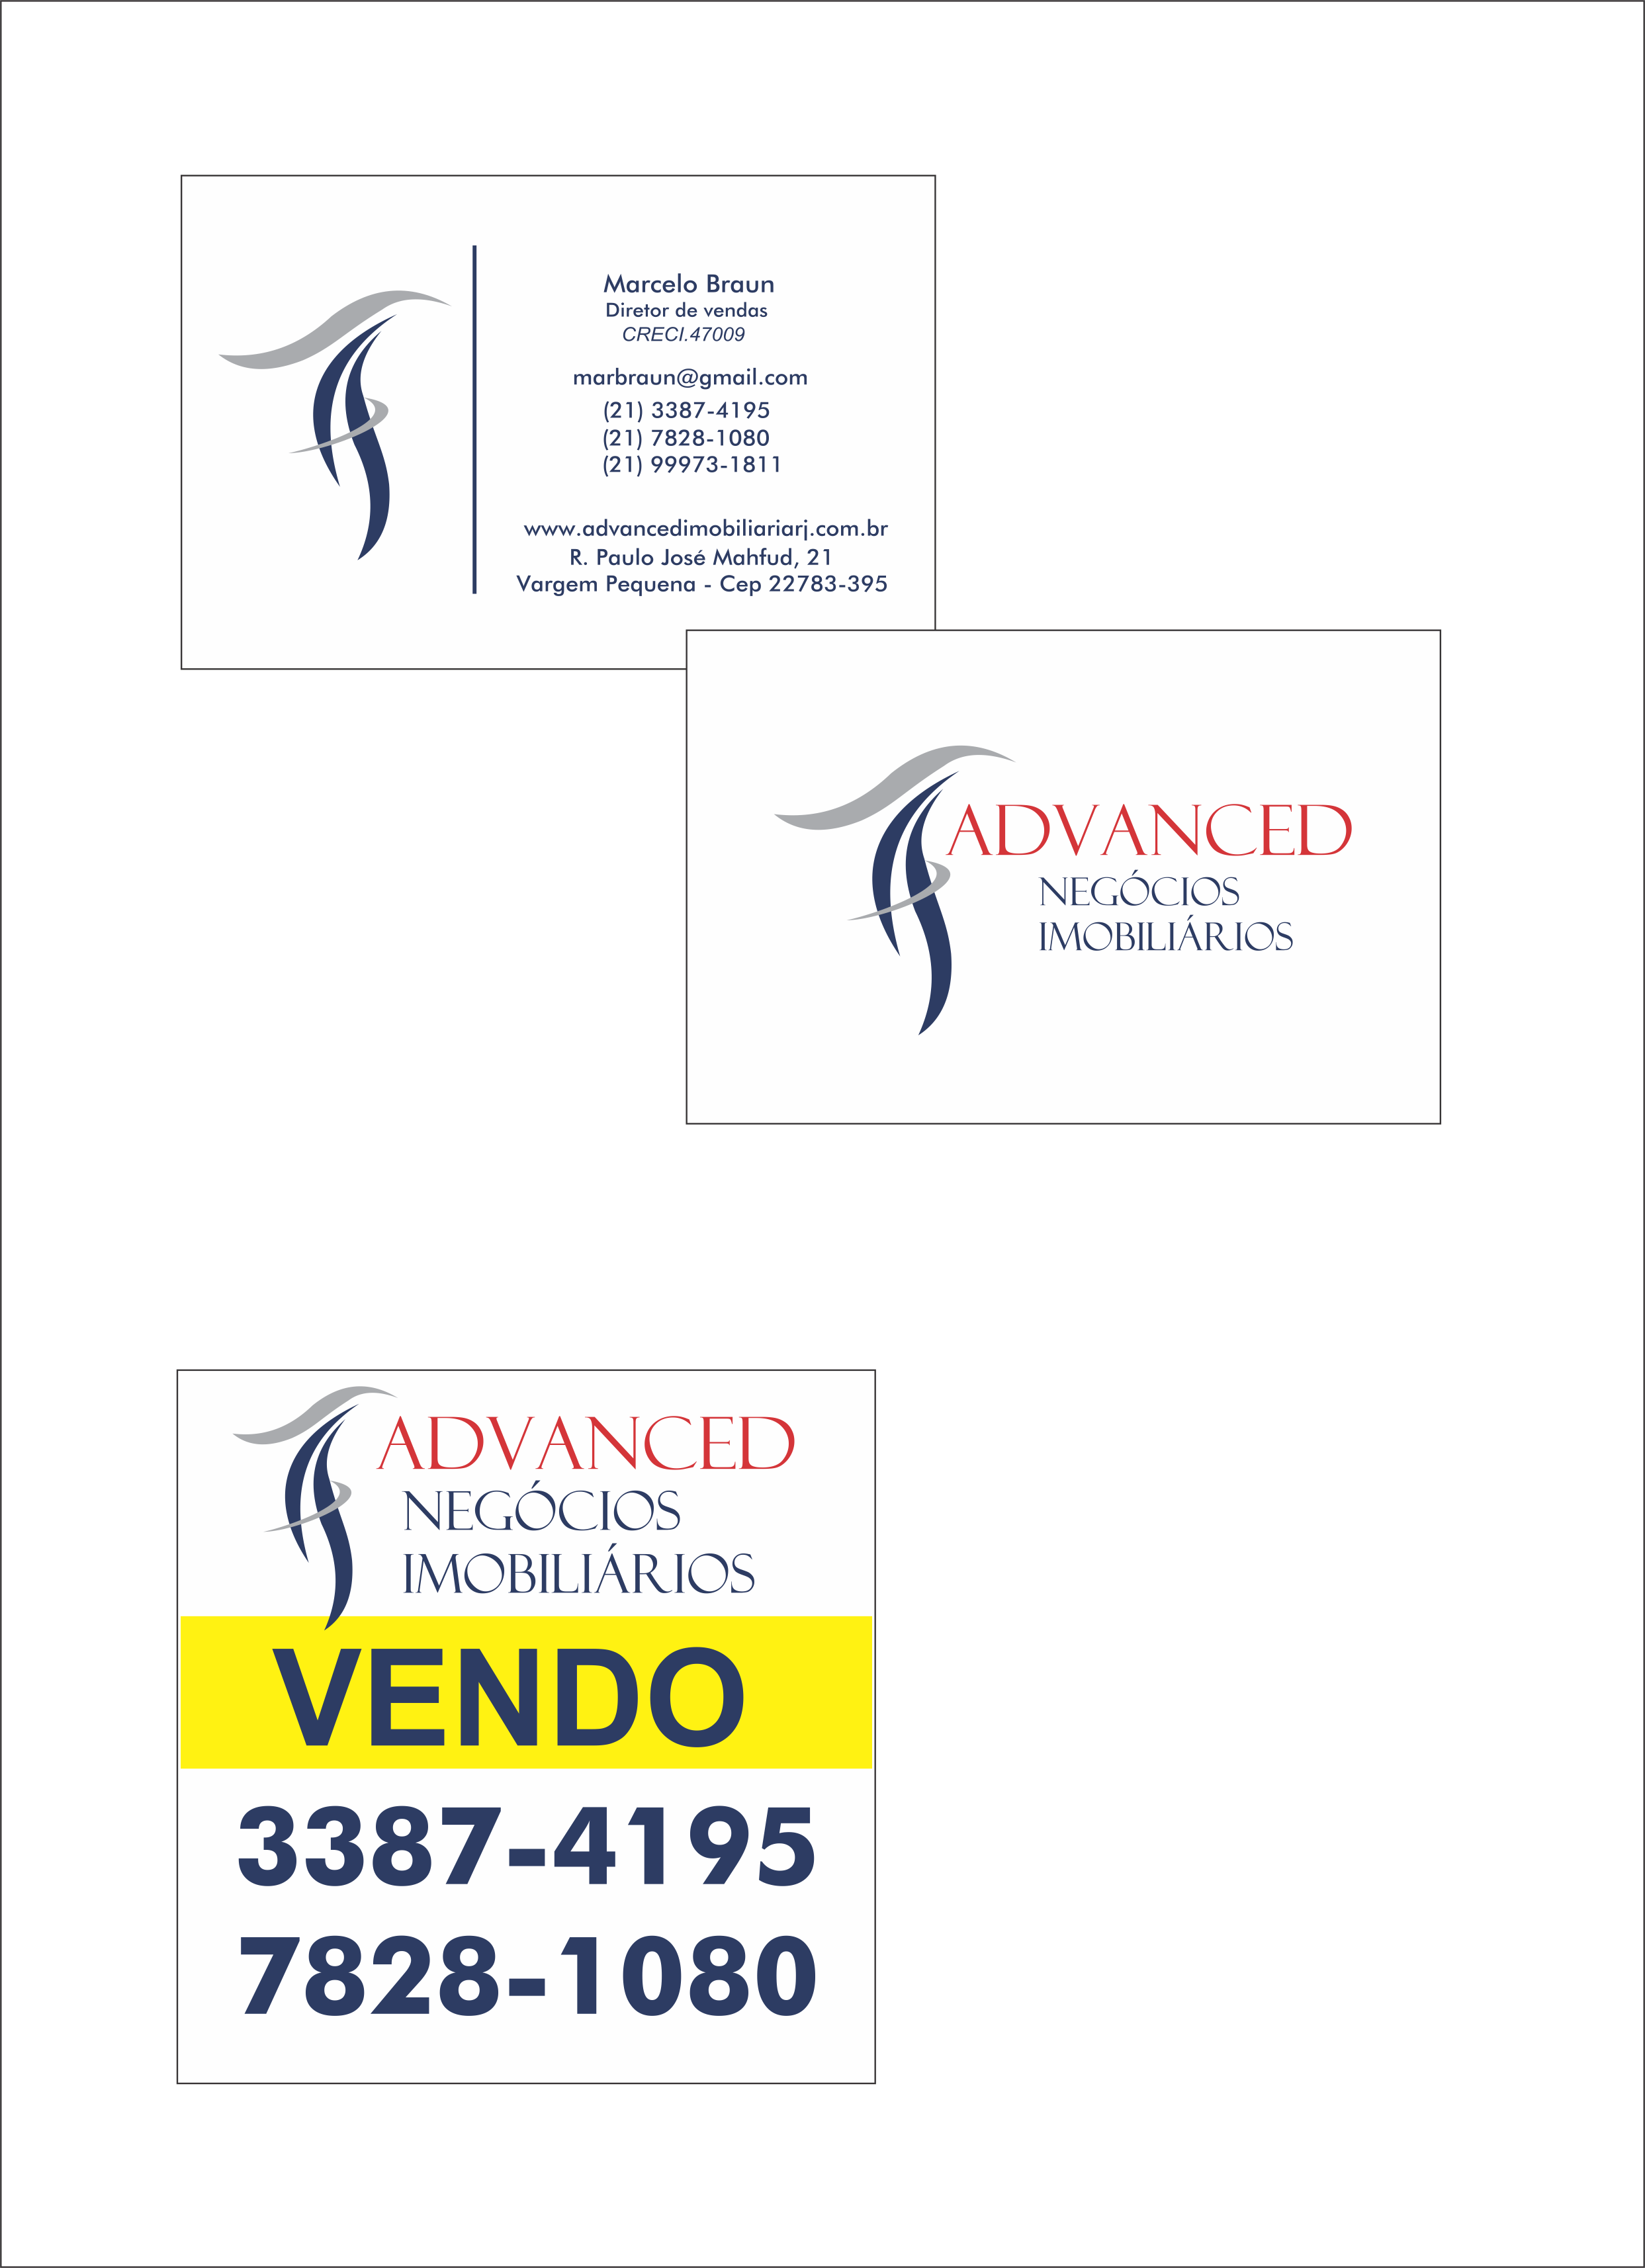 Criação de logomarca - cartão de visitas e banner